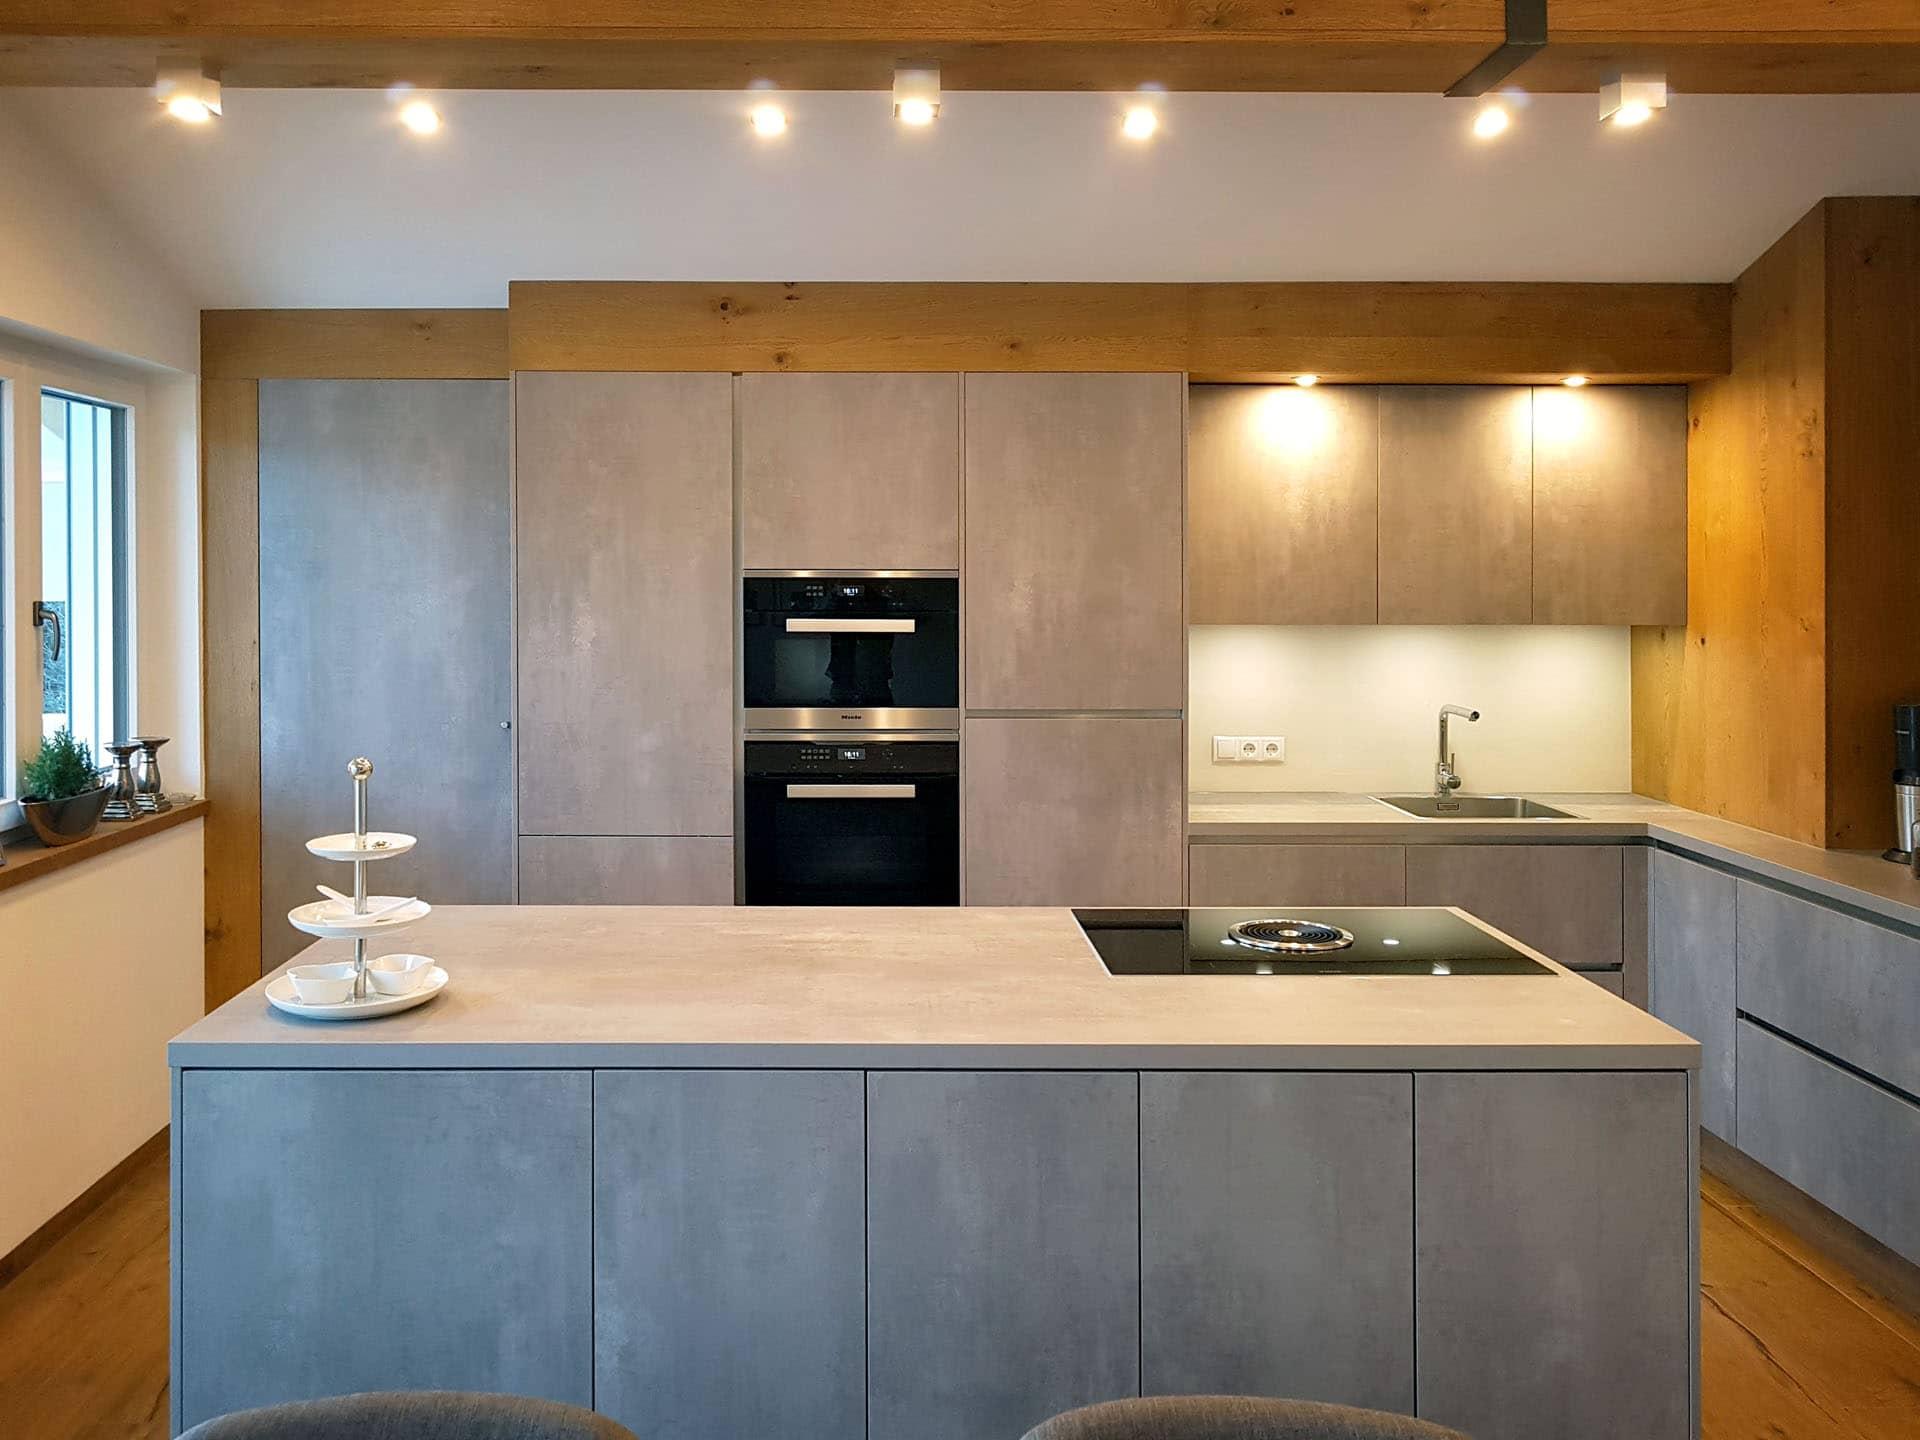 Küche in harter Betonoptik und weicher Eichenverkleidung — M